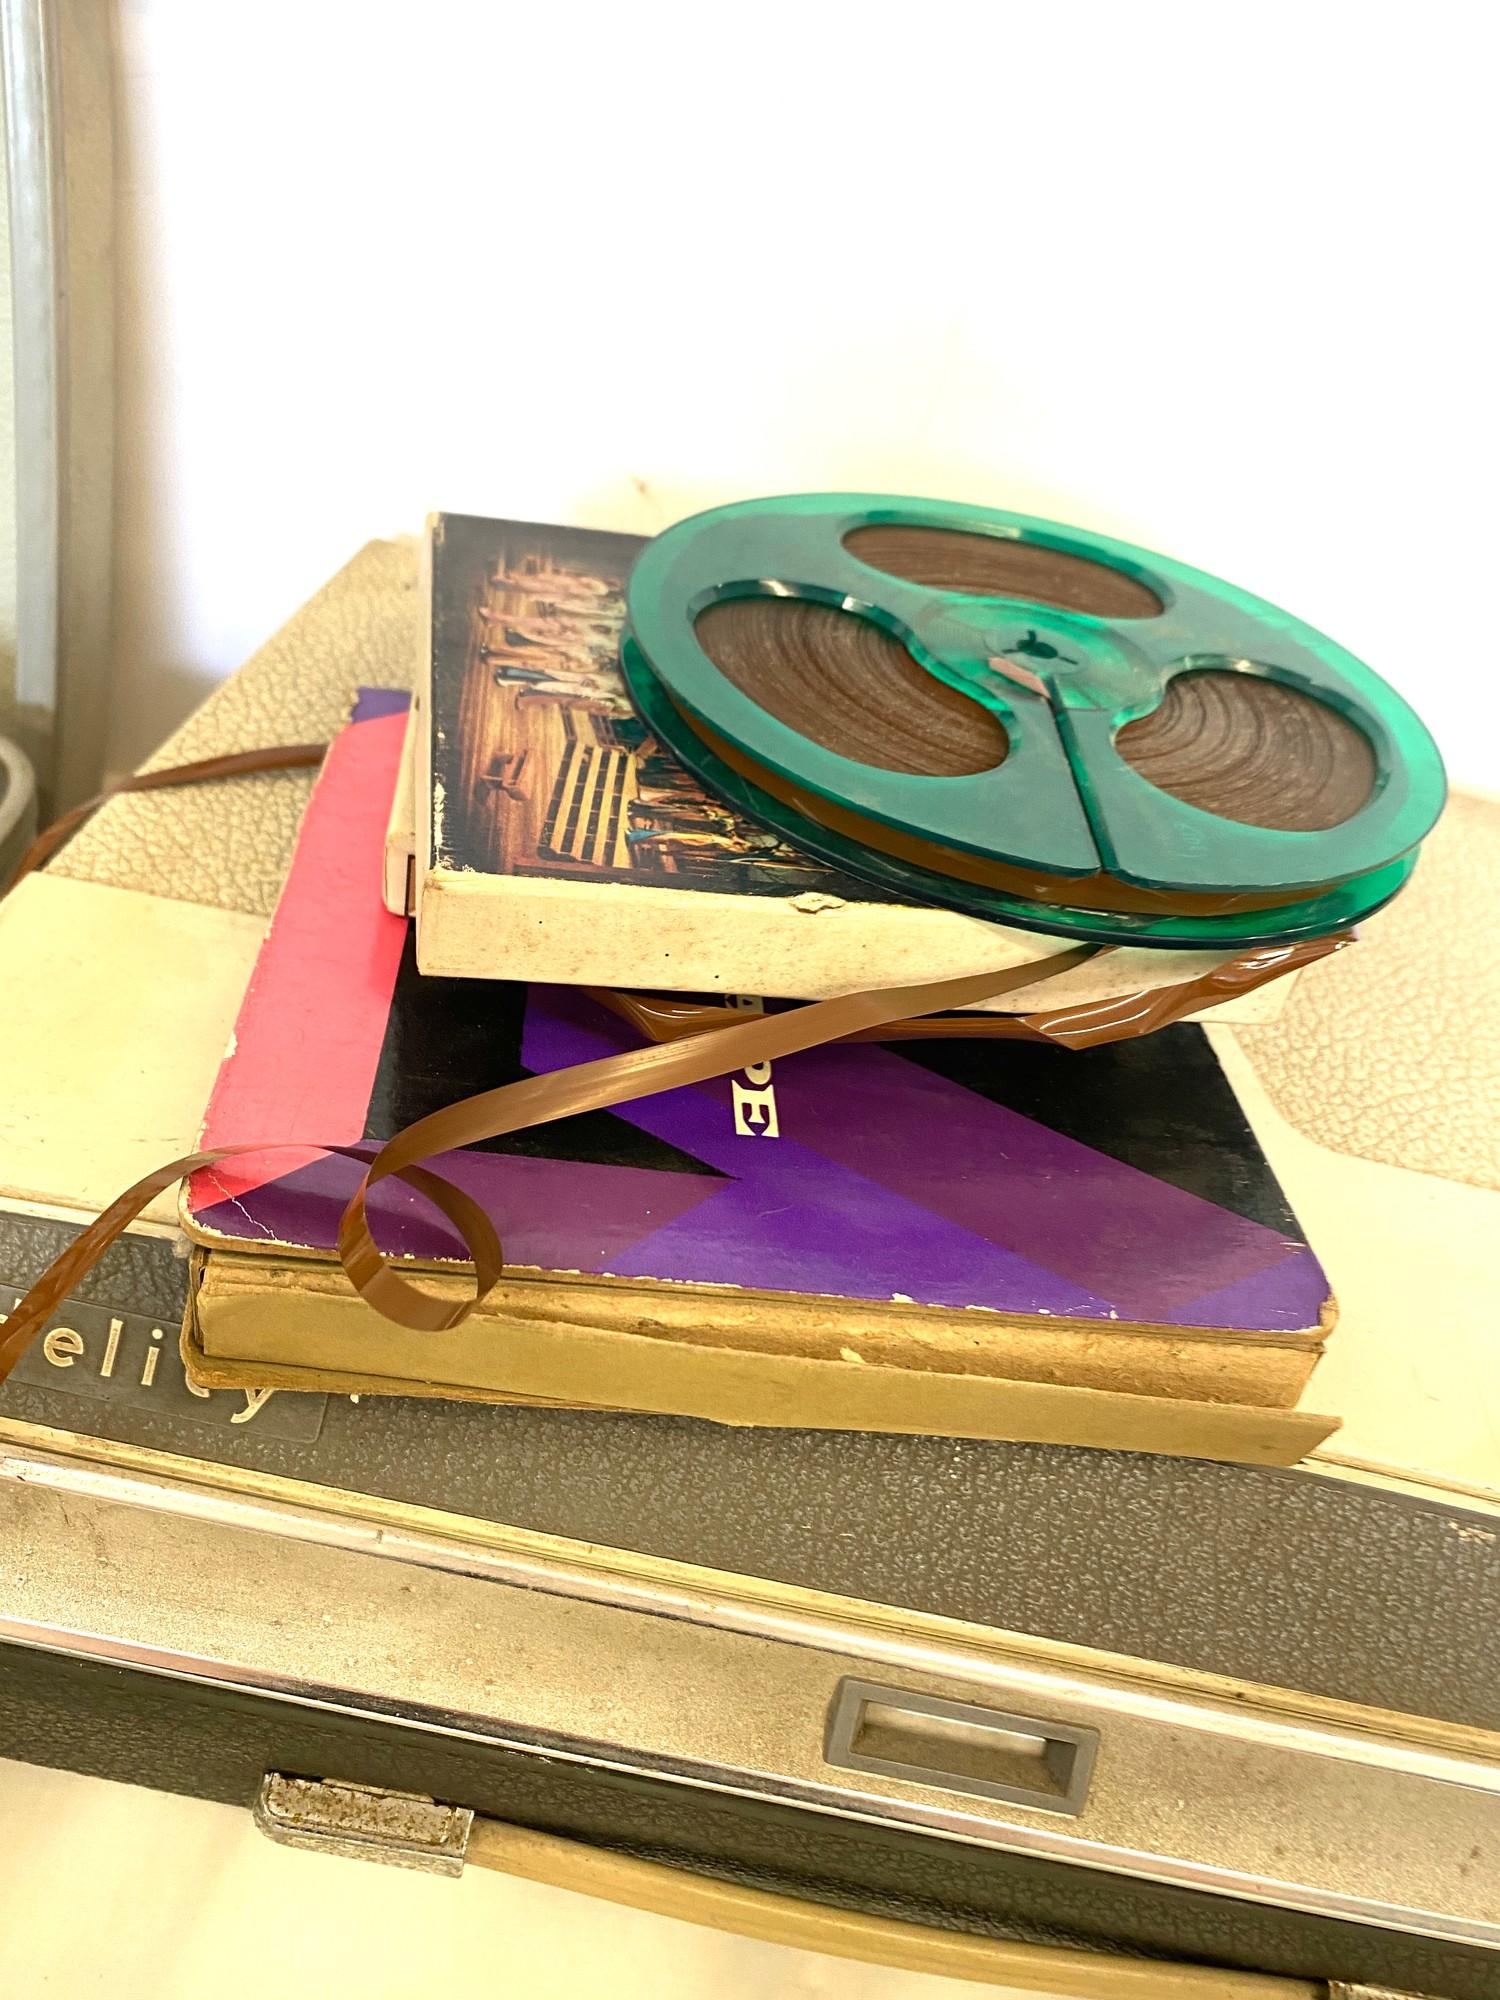 2 Vintage reel to reel players - Image 4 of 5